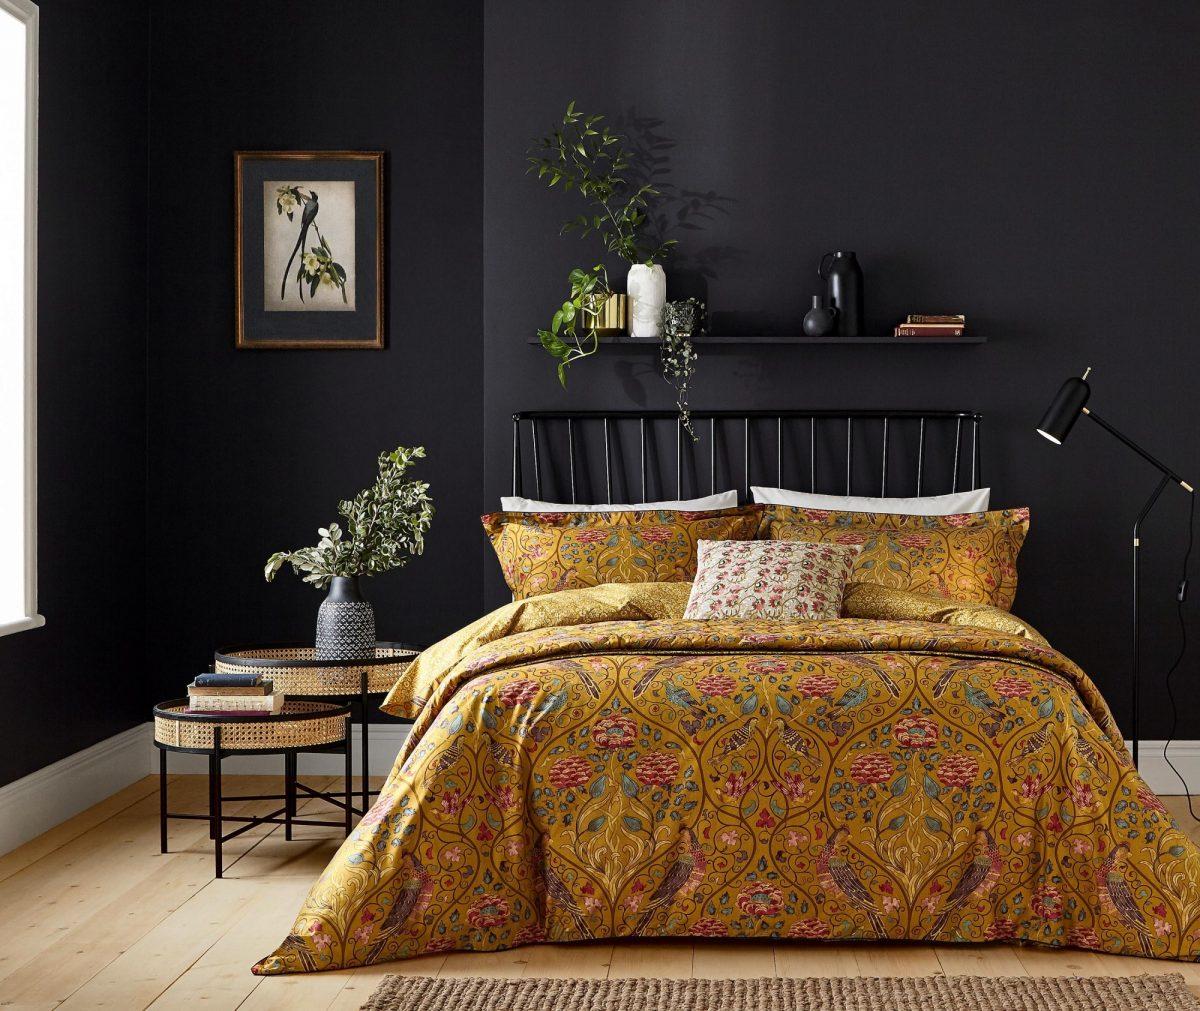 MORRIS Seasons By May main bed no throw LR